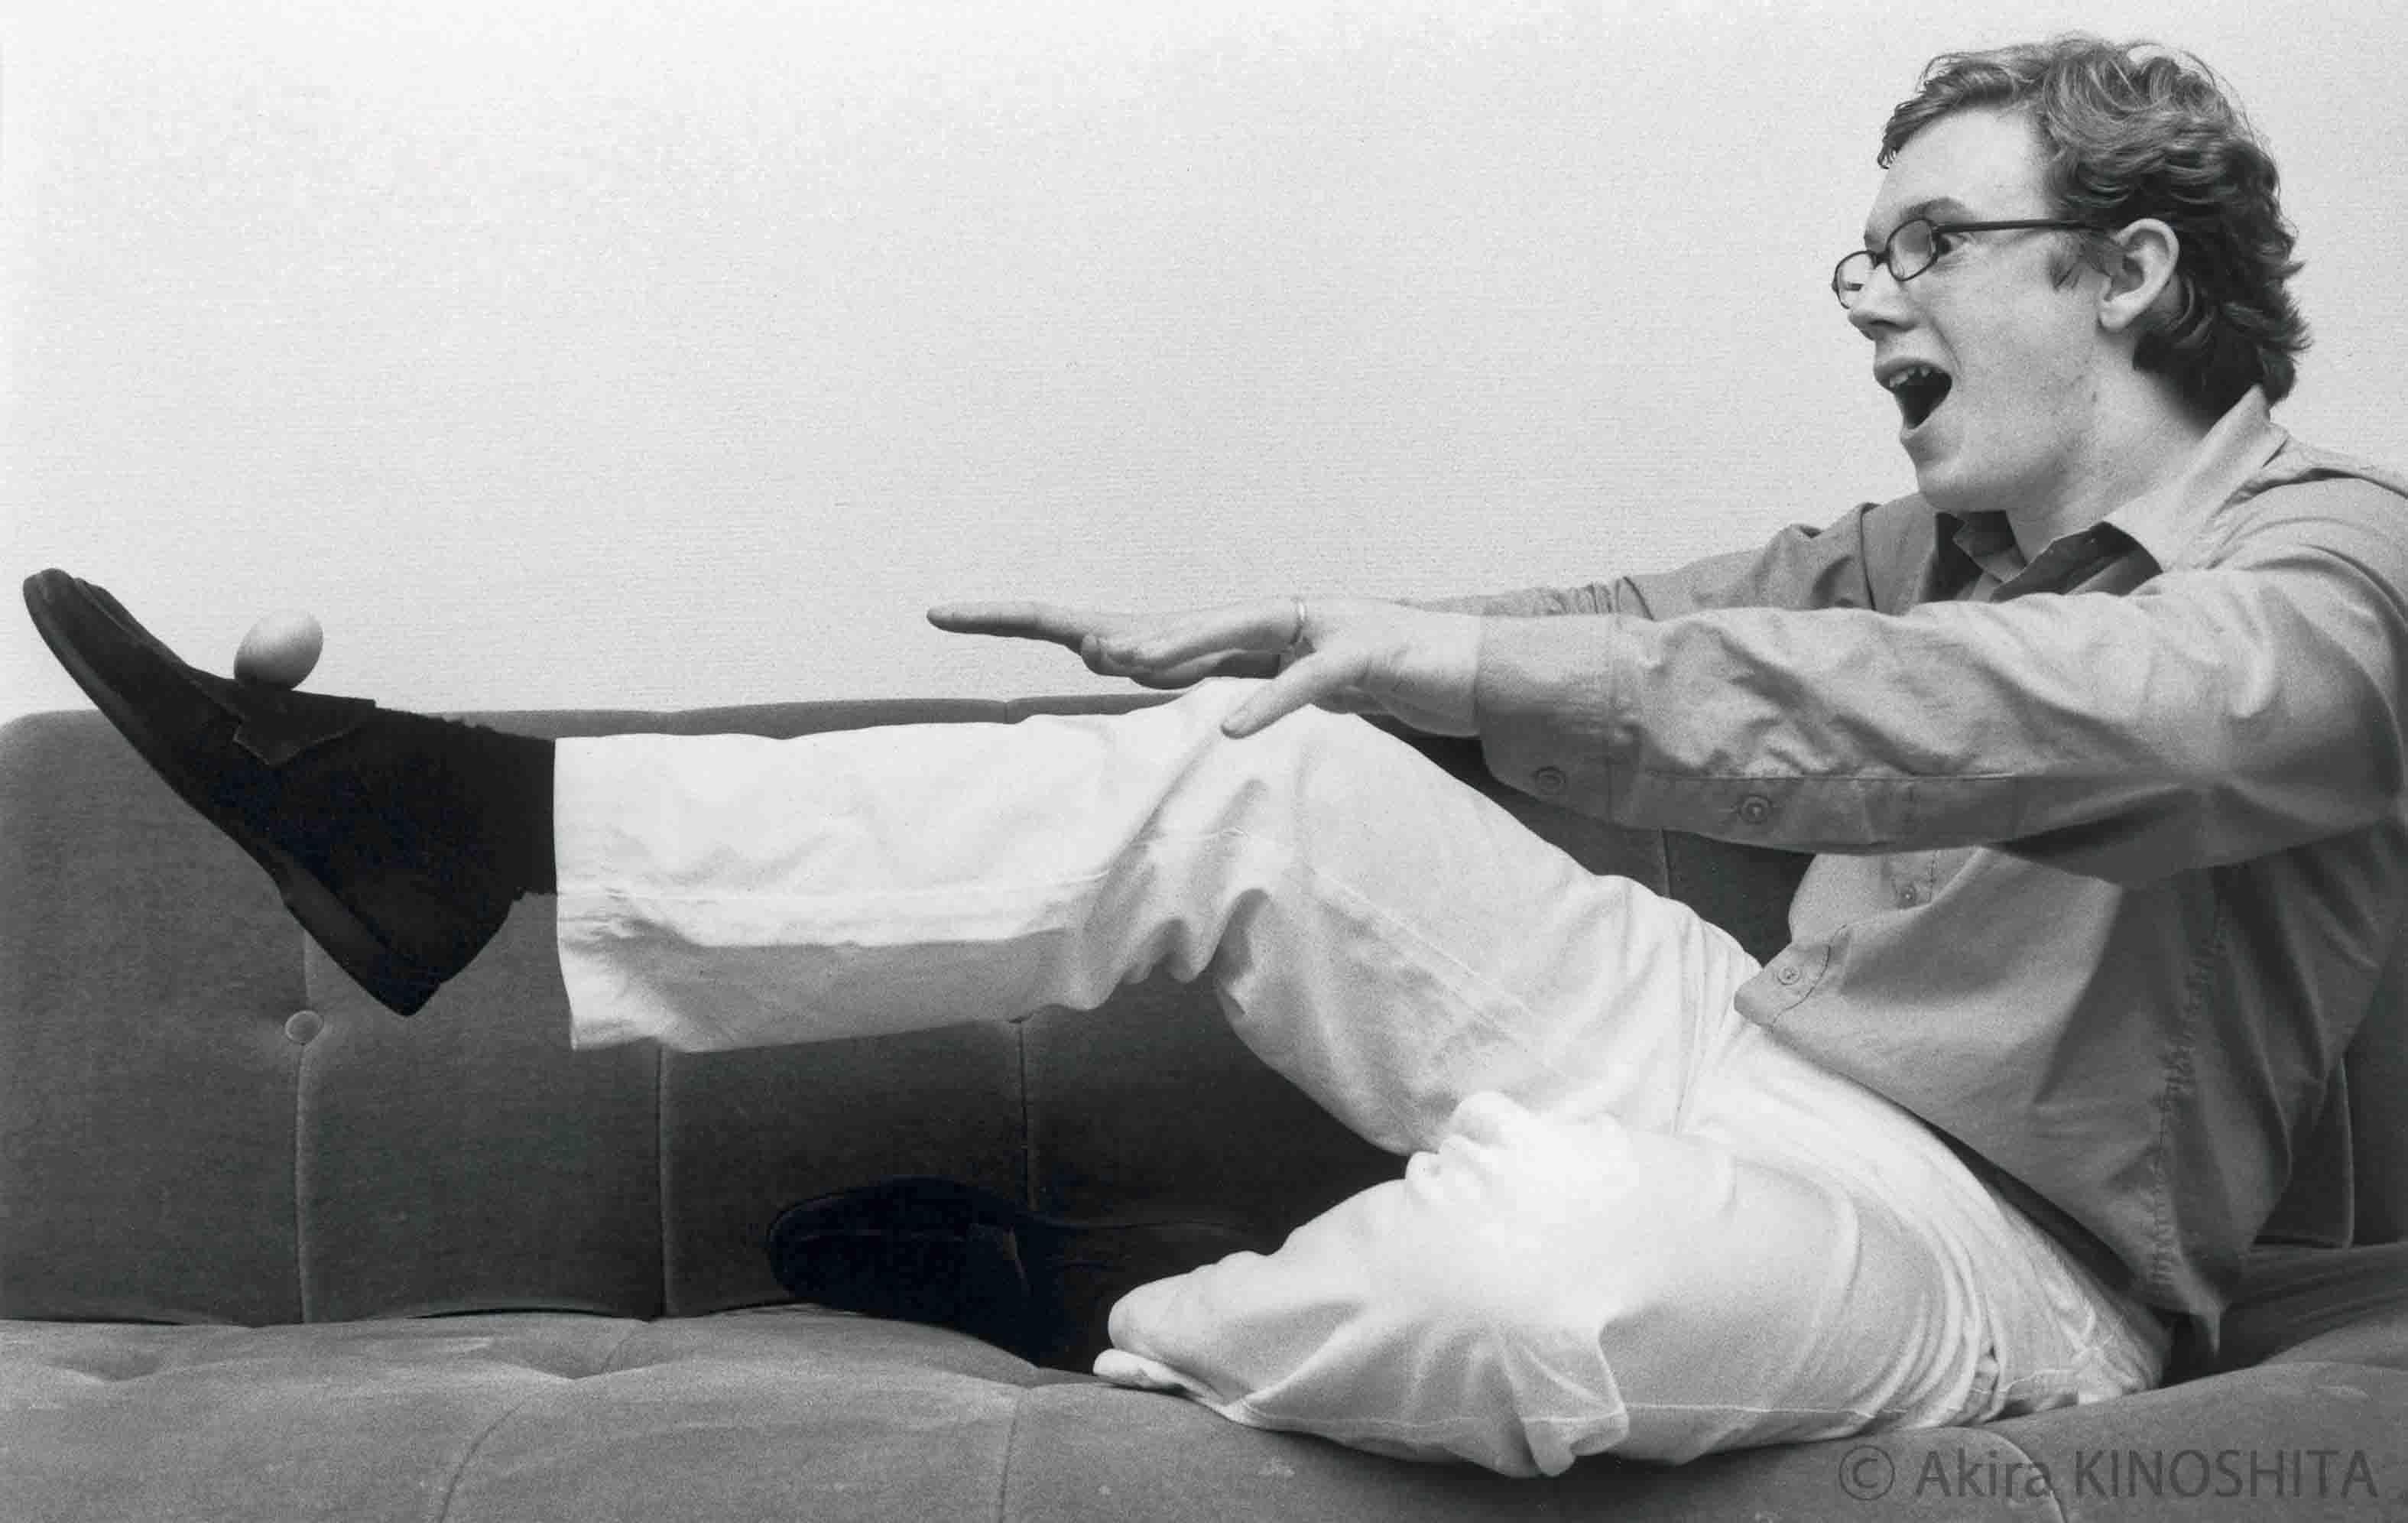 ダニエル・ハーディング(指揮者) 2001年11月26日撮影